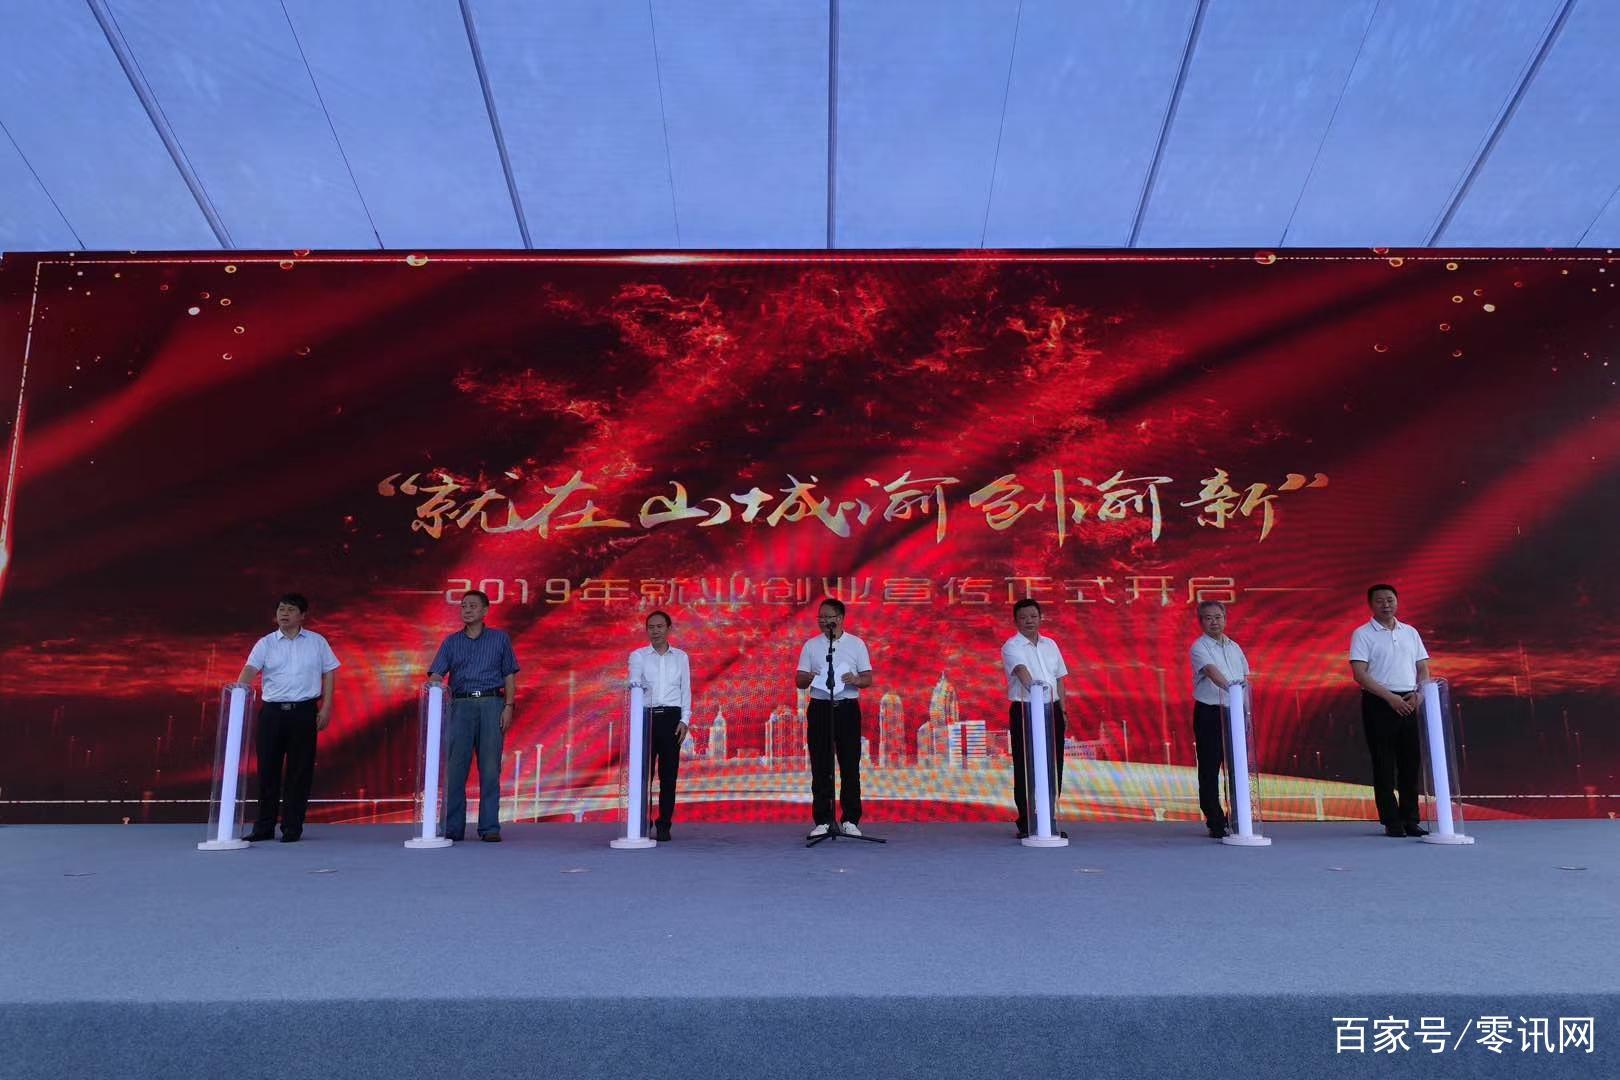 """2019年重庆市""""就在山城 渝创渝新""""就业创业宣传启动仪式成功举行"""